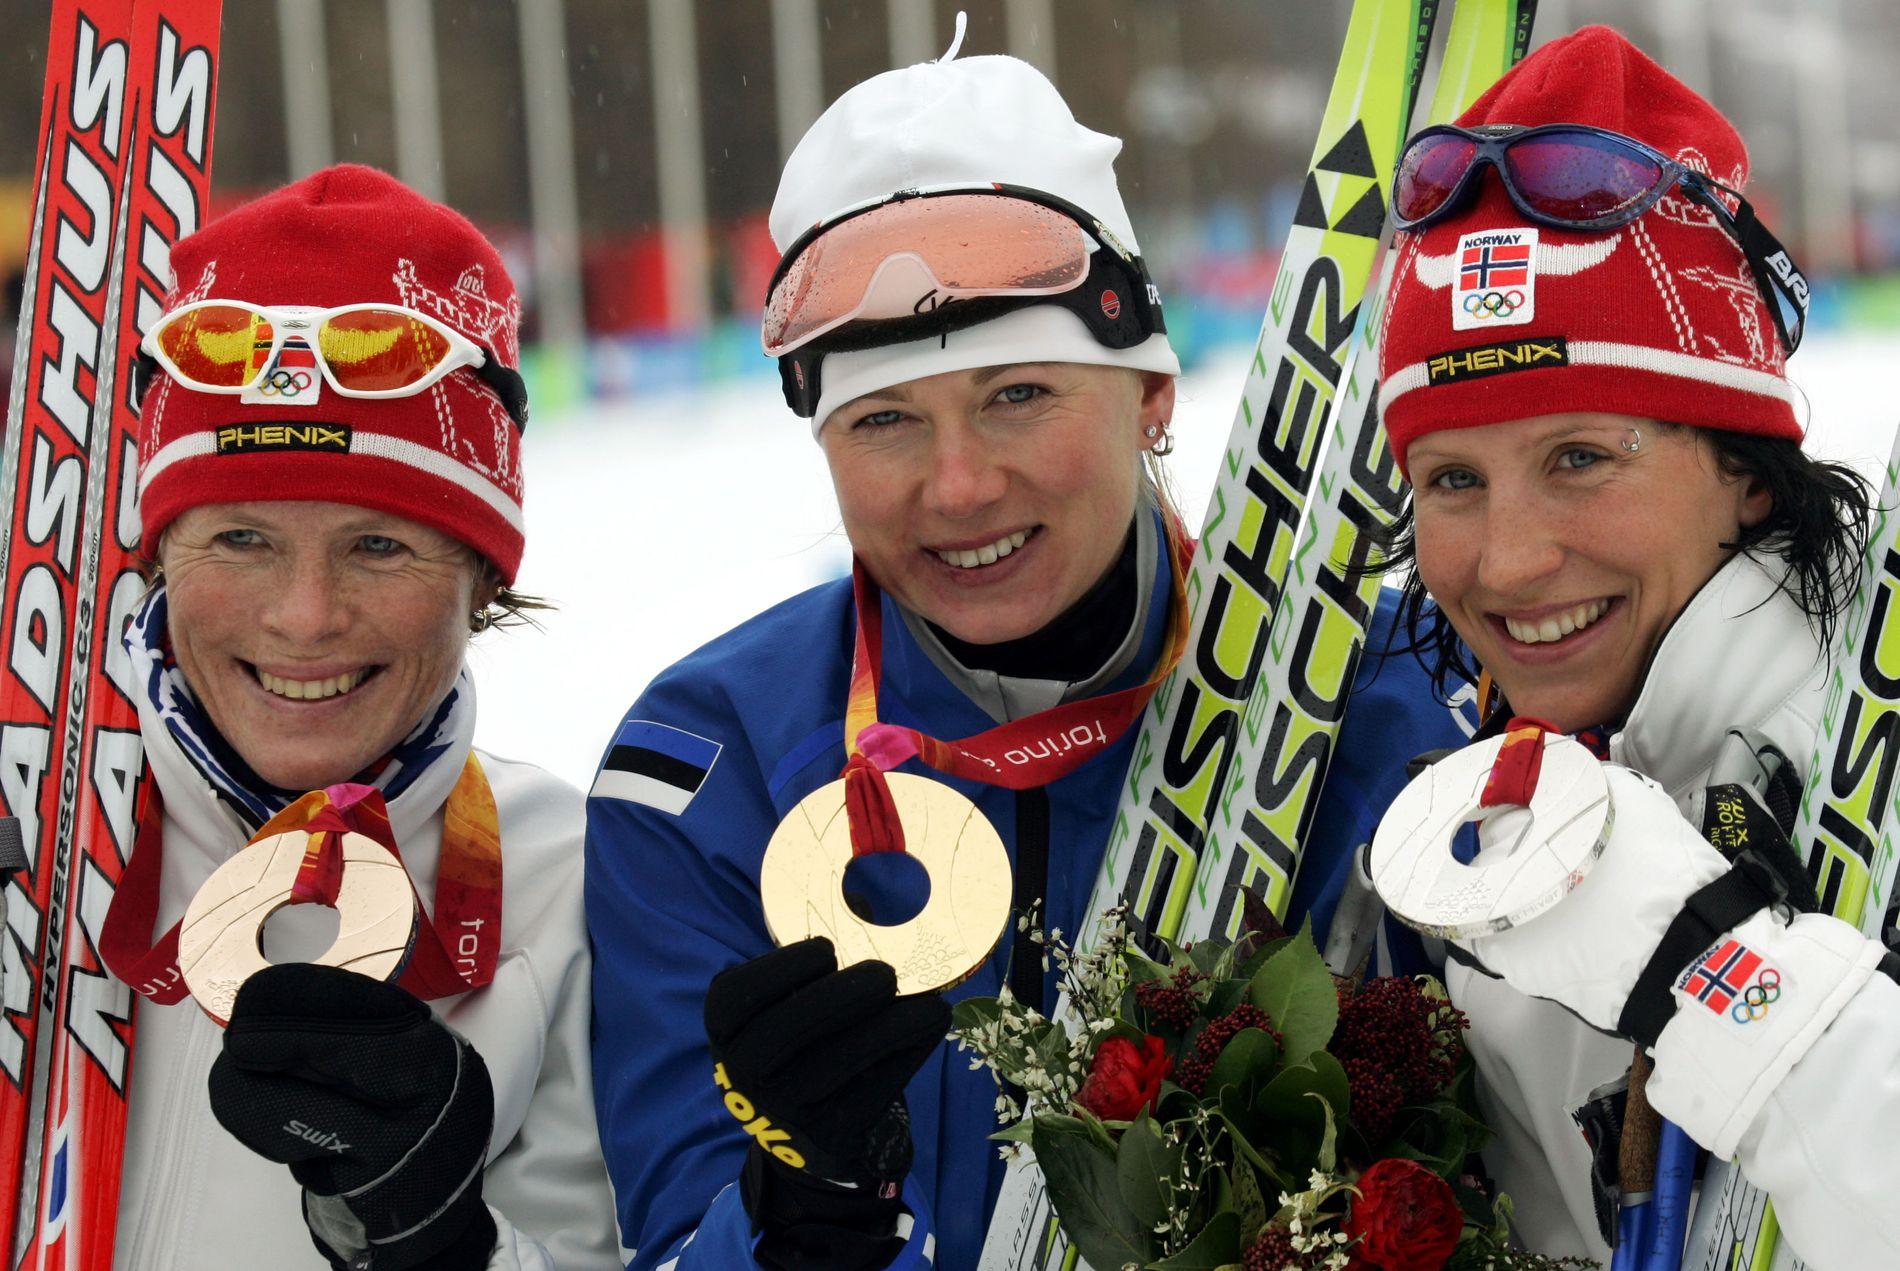 FRIKJENT: Kristina Smigun-Vähi fra Estland vant OL-gull på ti-kilometer i 2006 foran Hilde Gjermundshaug og Marit Bjørgen. Det får hun beholde.